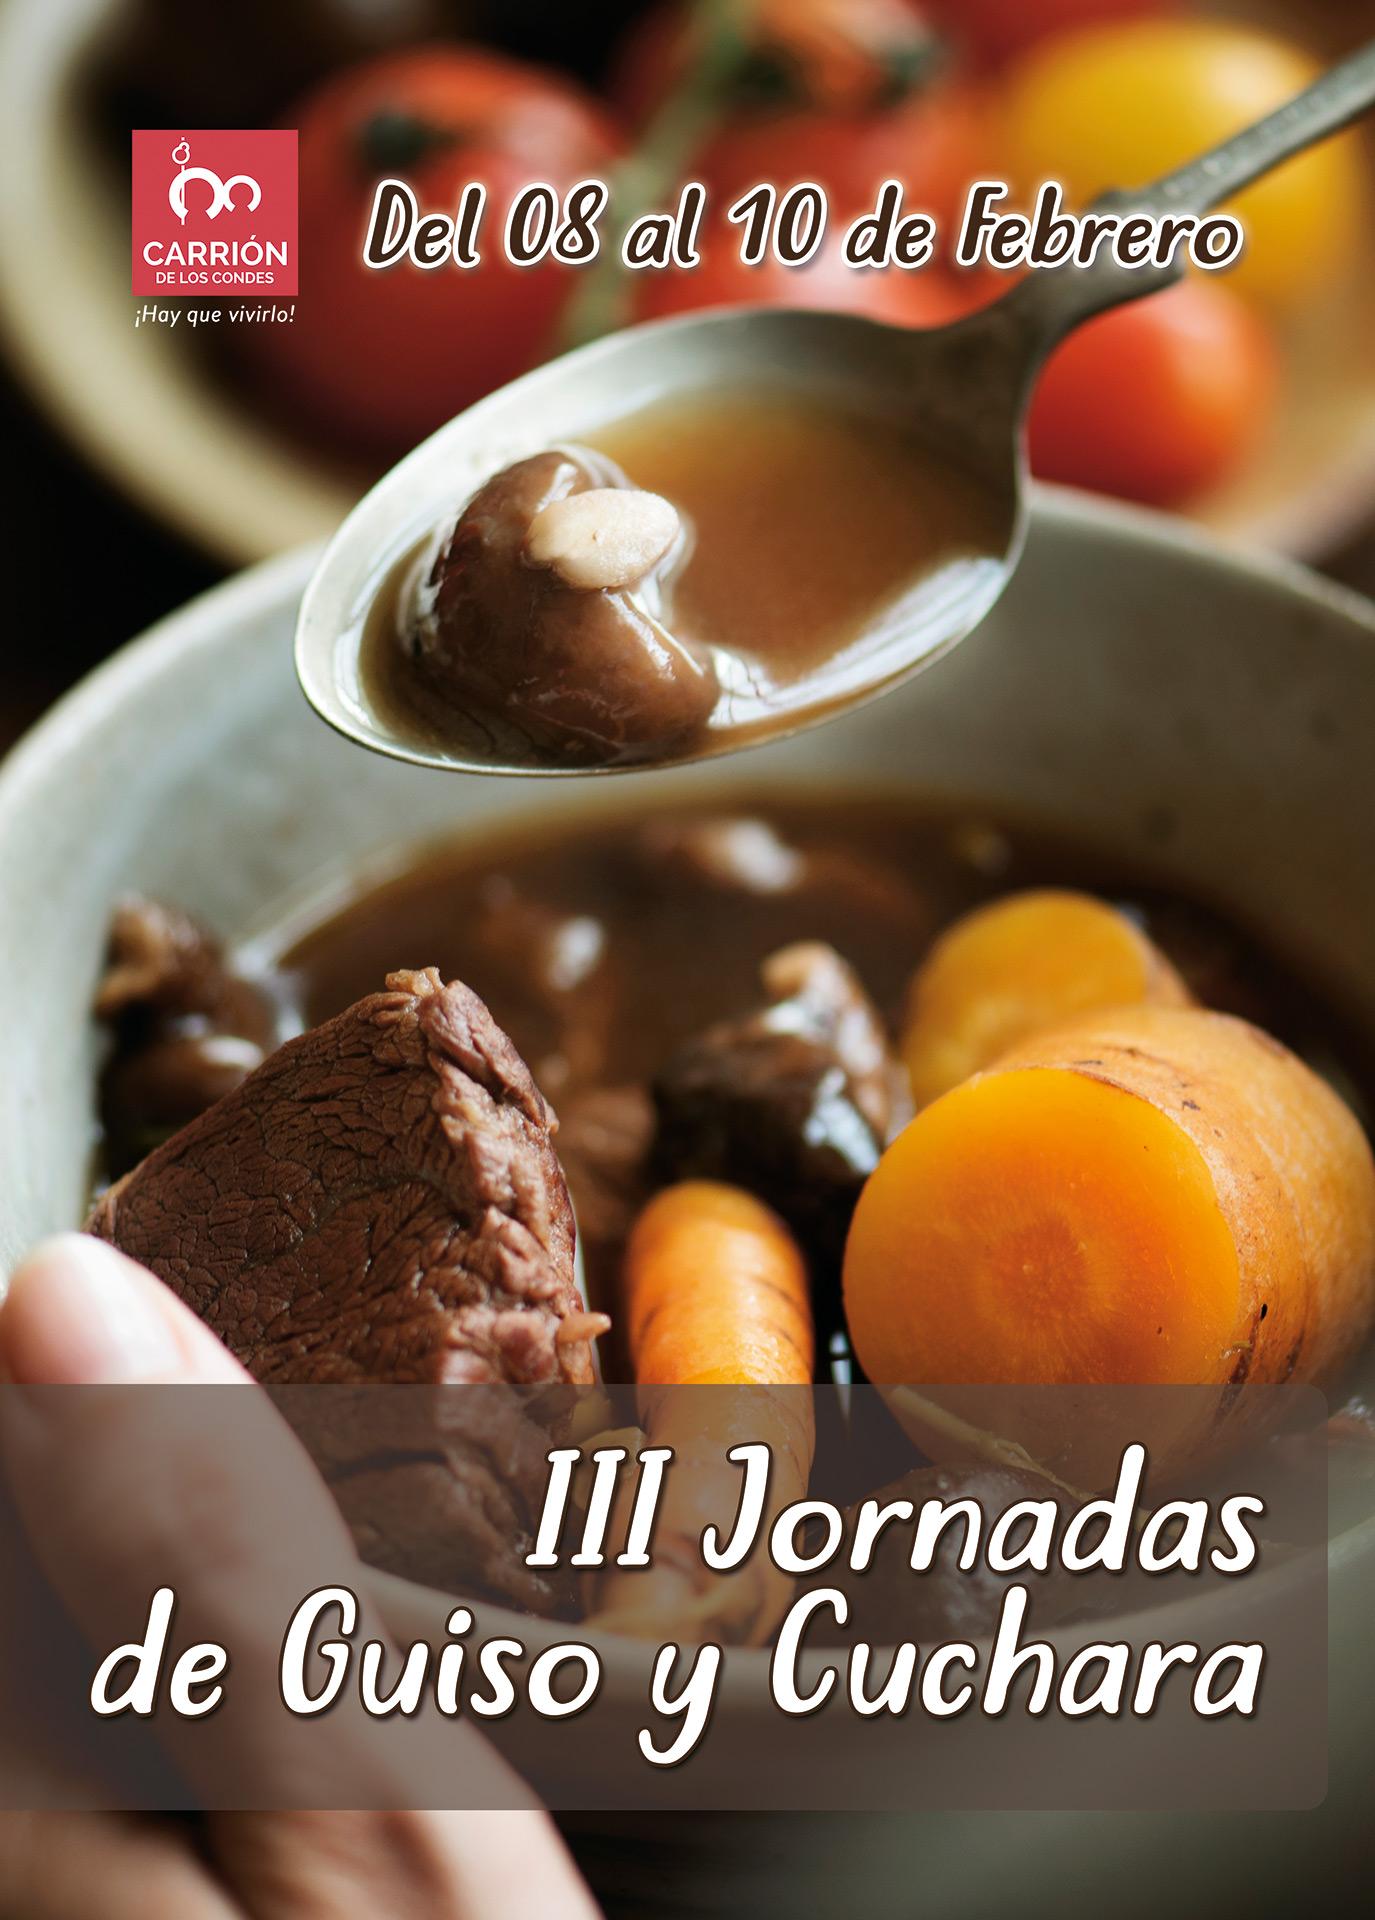 III Jornadas gastronómicas de Guiso y Cuchara en Carrión de los Condes